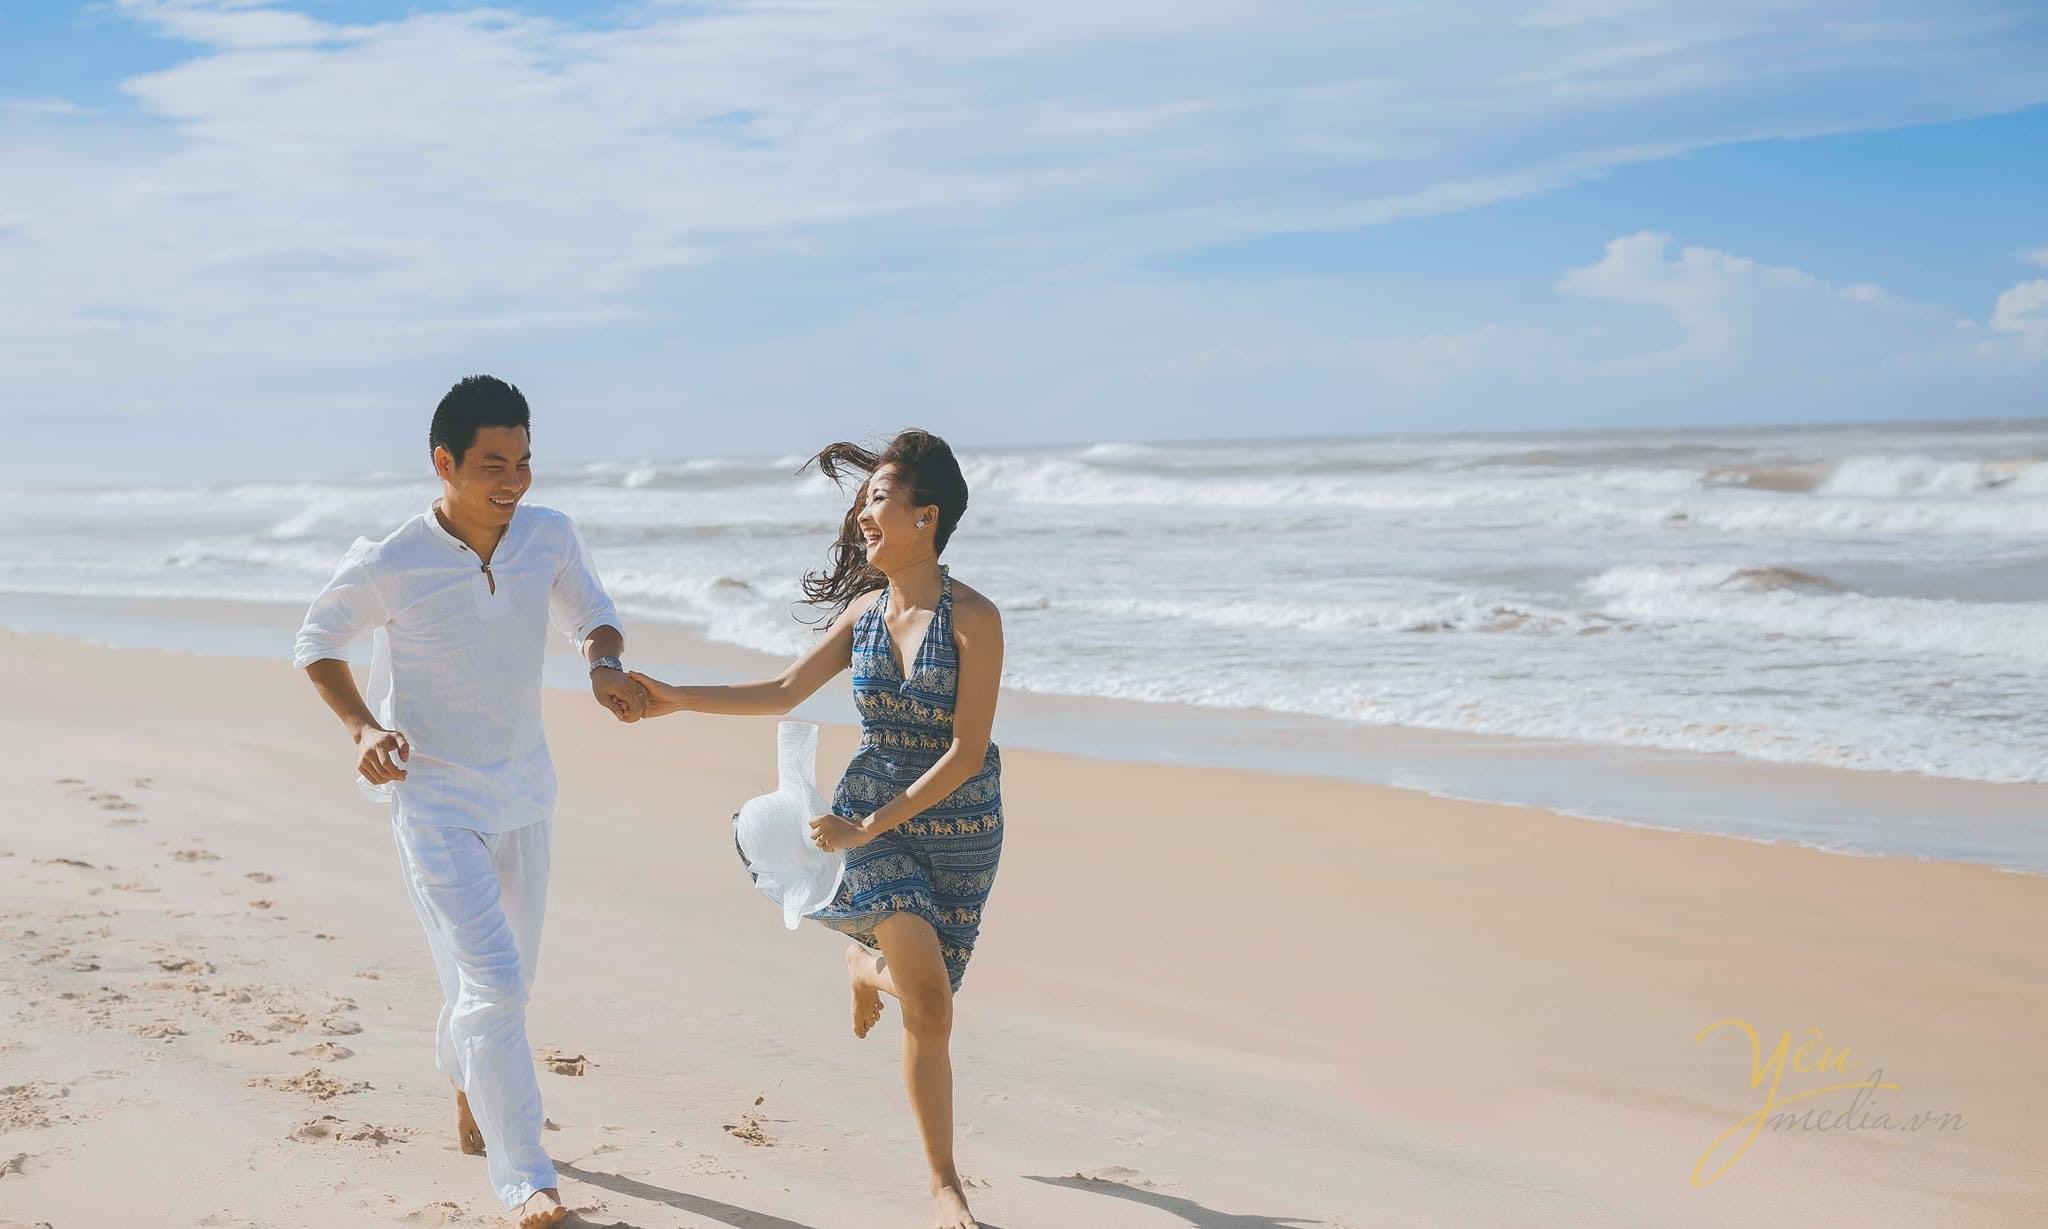 cô dâu chú rể nắm tay chạy trên cát bờ biển